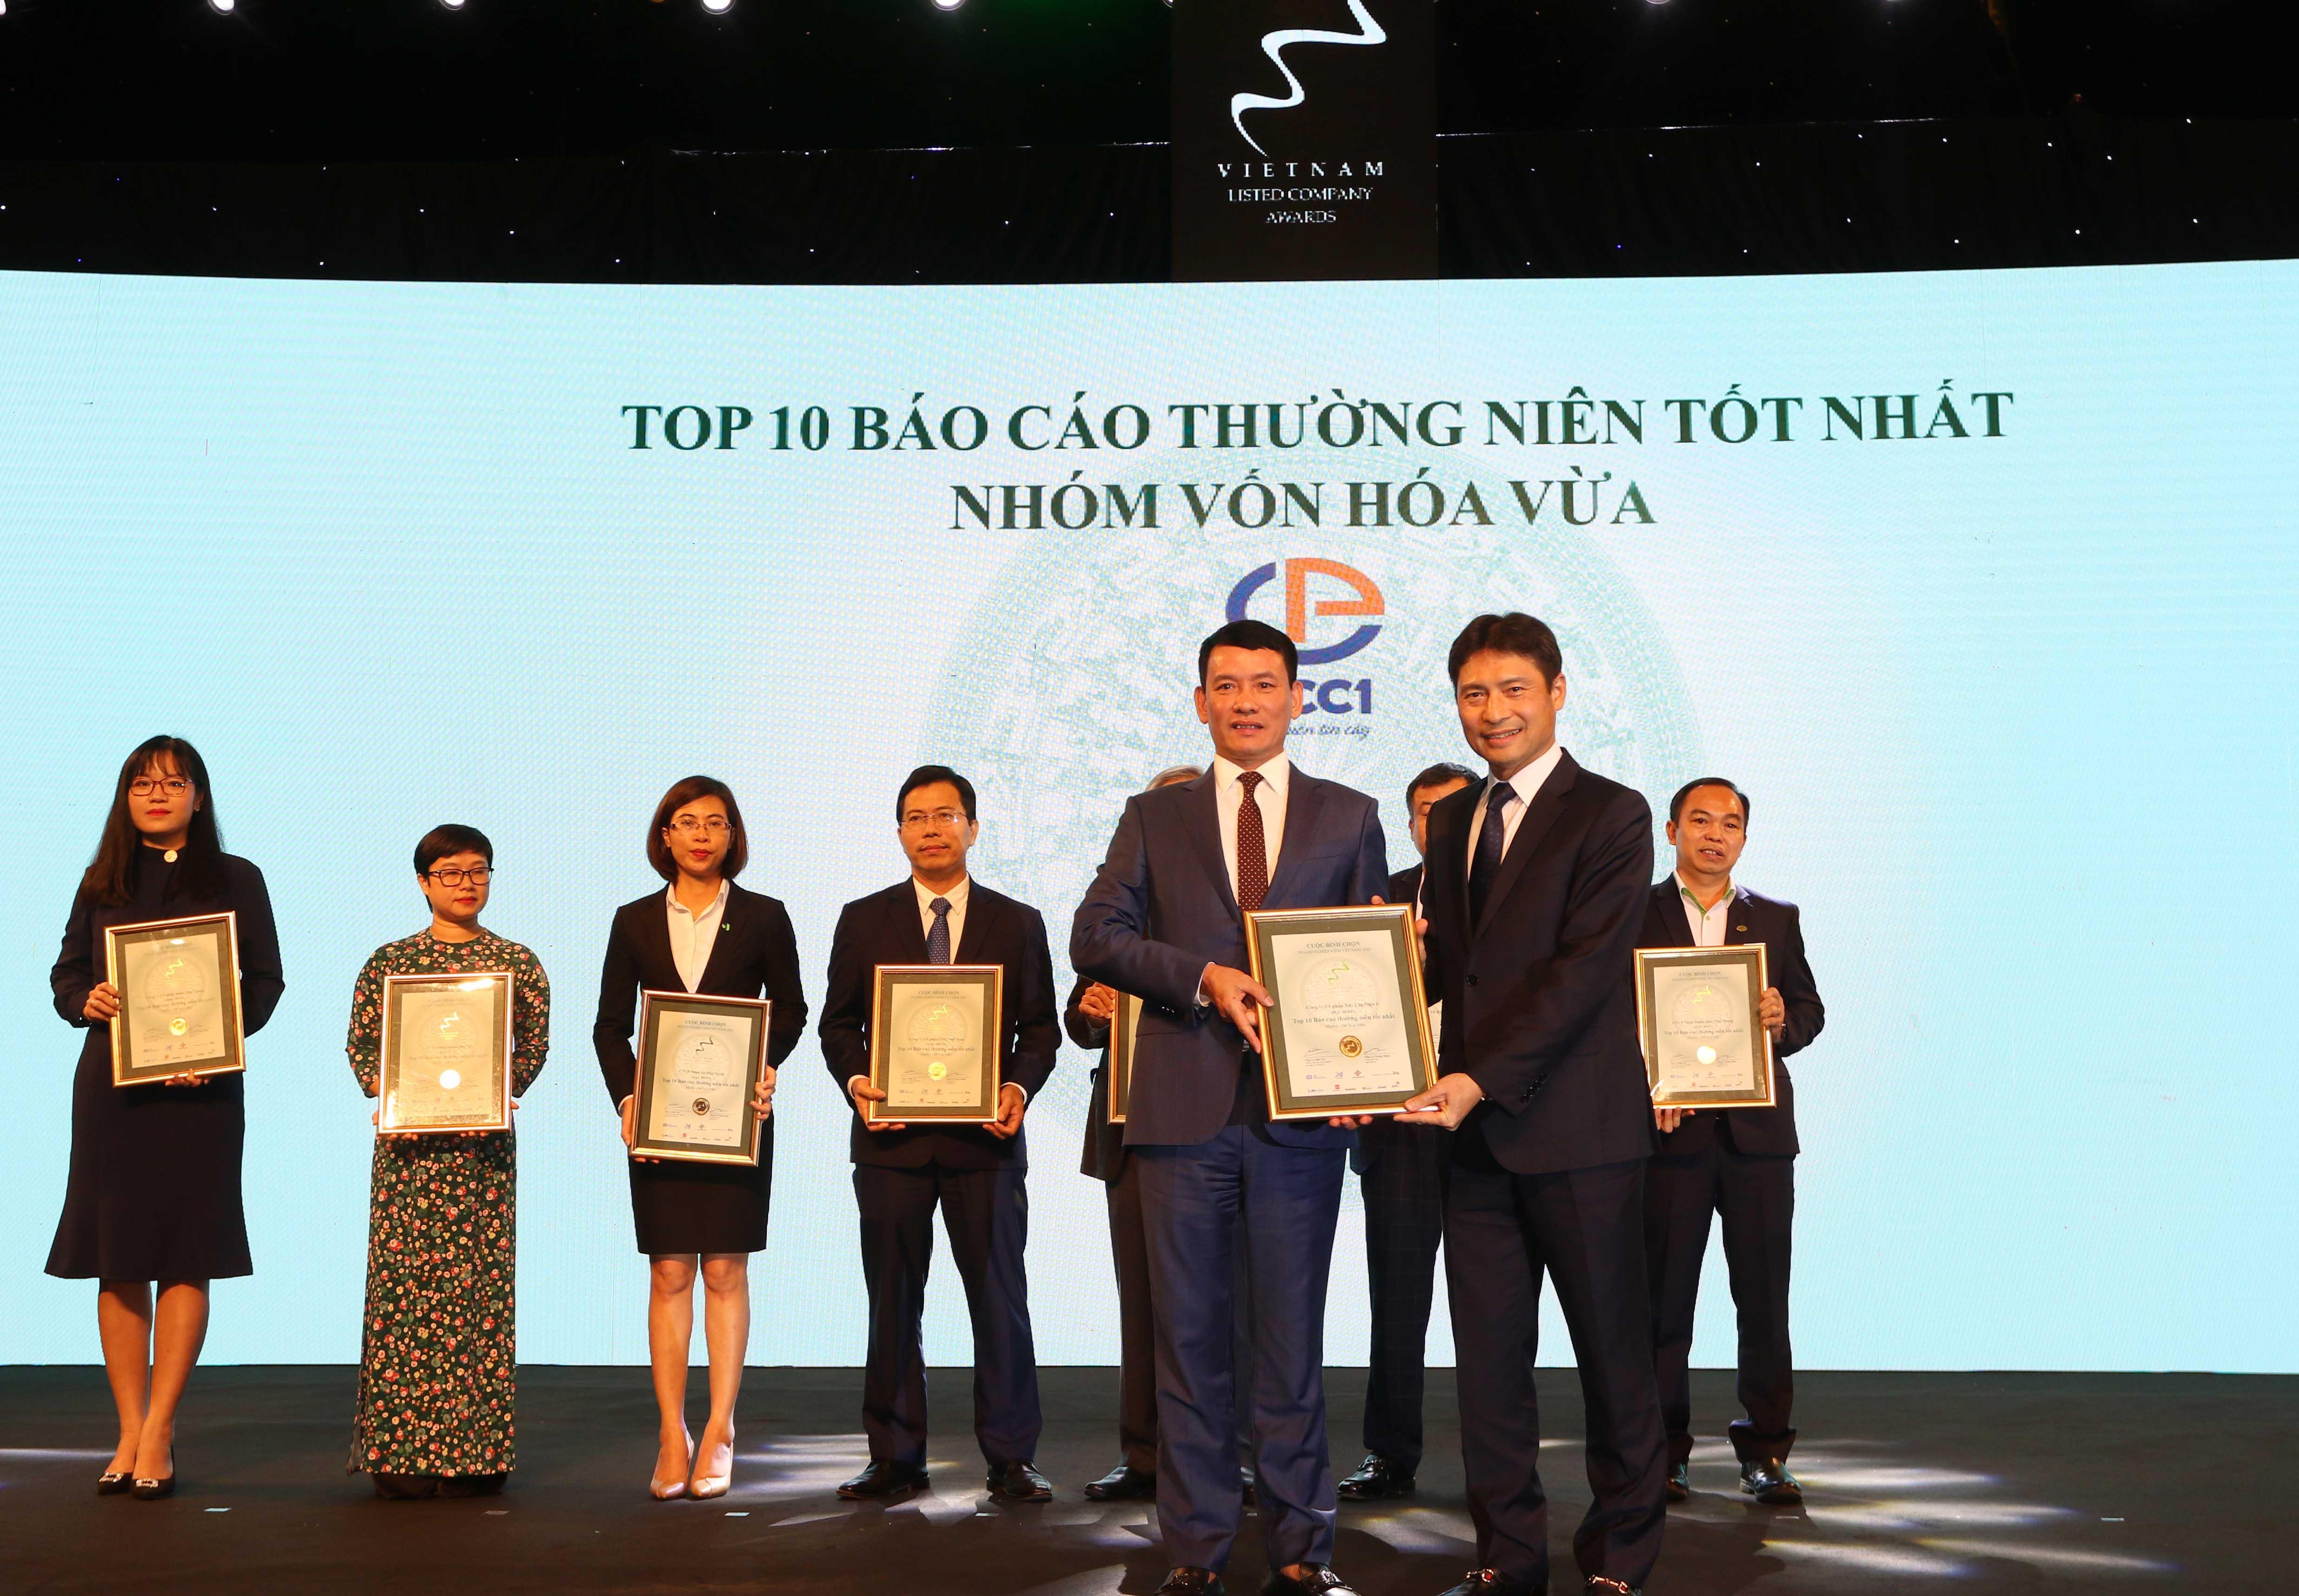 https://www.aravietnam.vn/wp-content/uploads/2020/12/17_Dại-diện-CC1-nhận-TOP-10-nhóm-vốn-hóa-vừa-có-BCTN-tốt-nhất..jpg